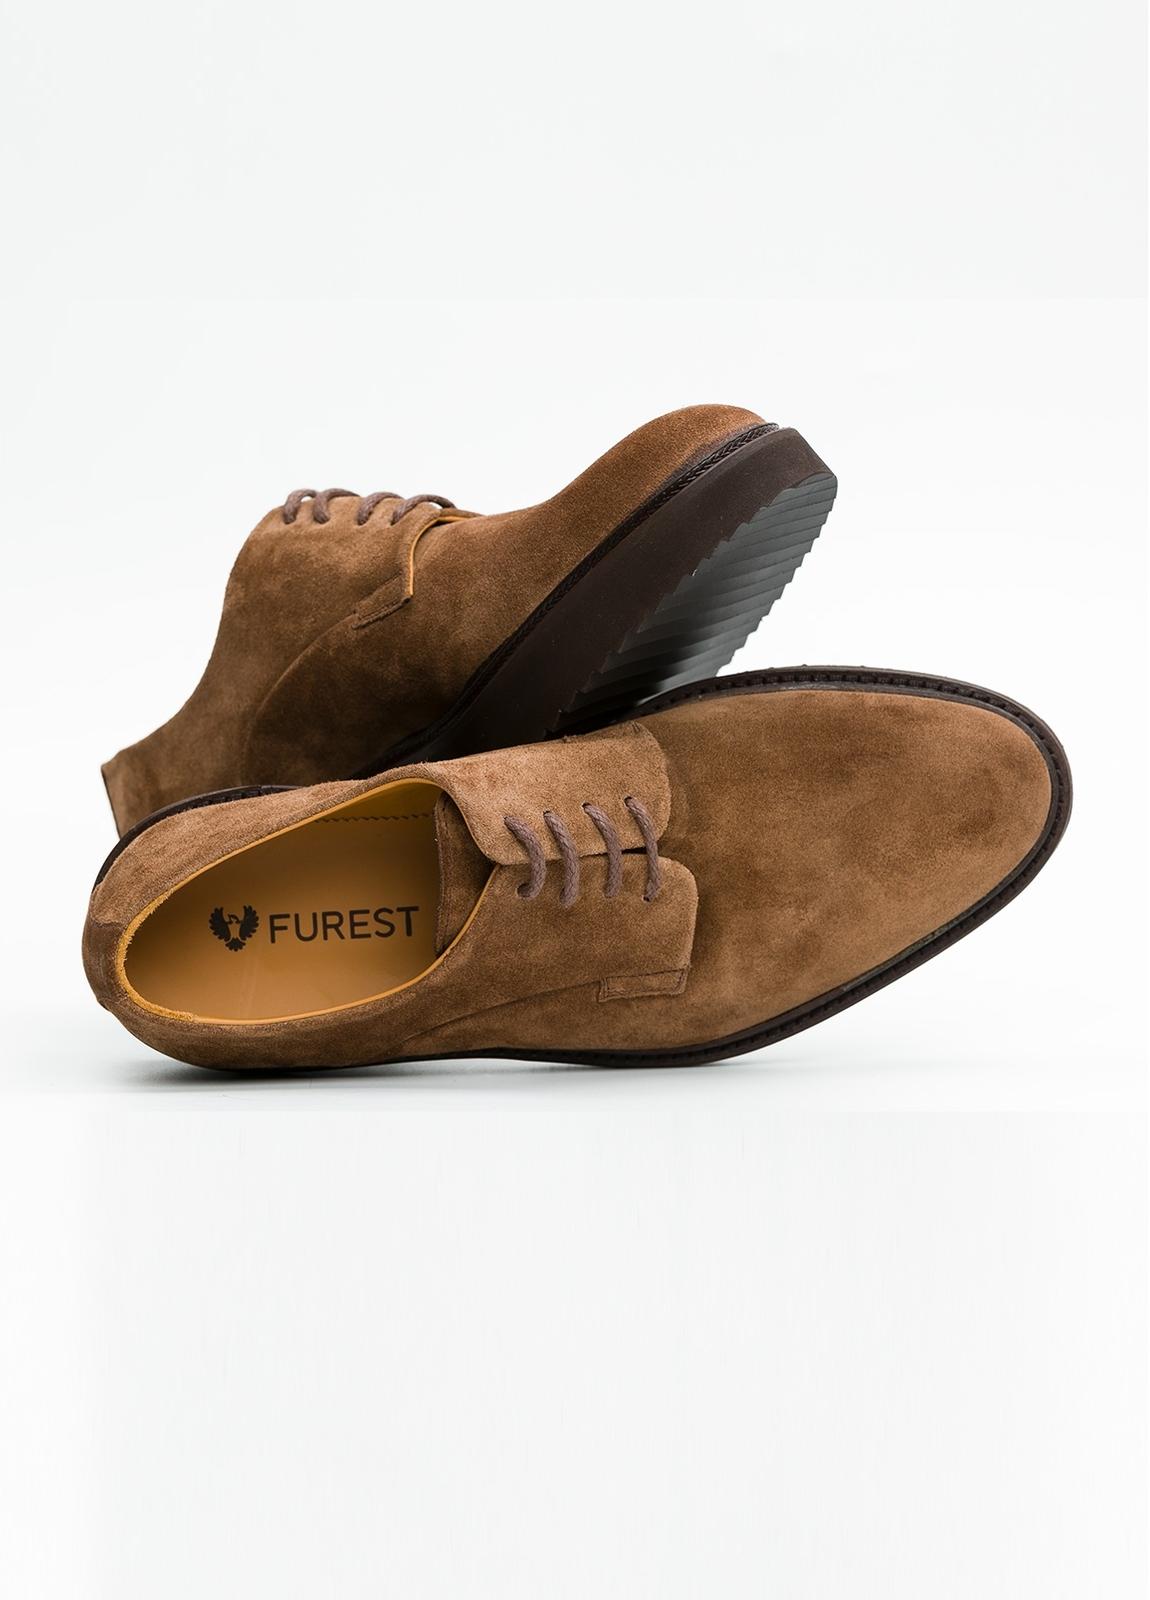 Zapato Sport Wear color tostado. 100% Serraje. - Ítem4